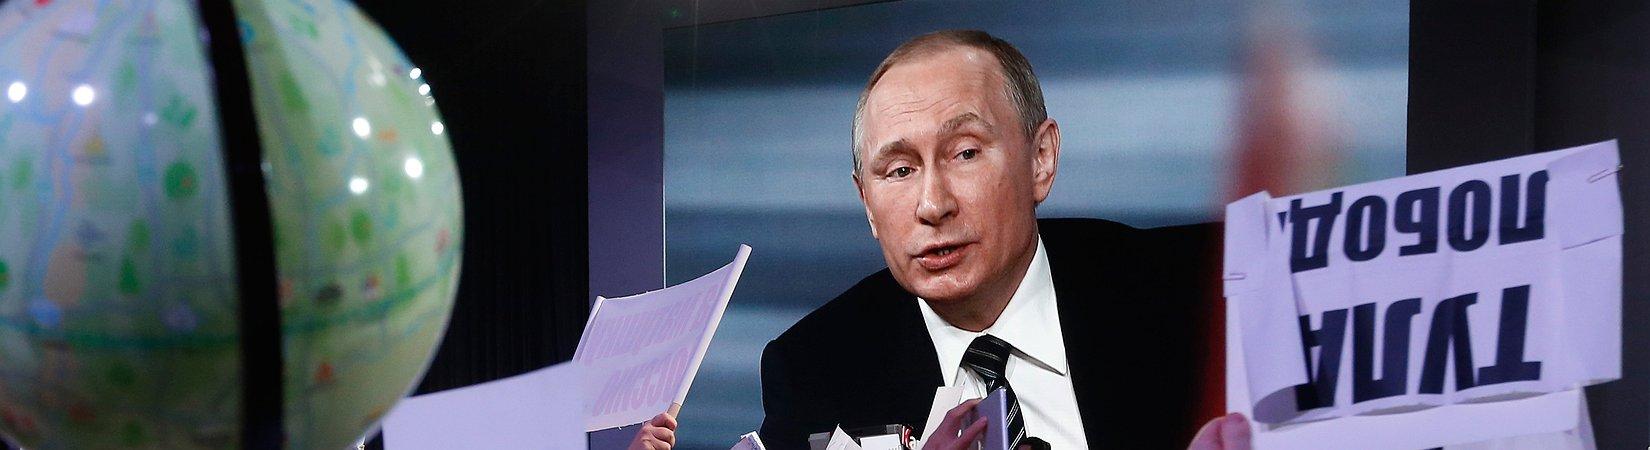 Die besten Zitate aus Putins Pressekonferenz